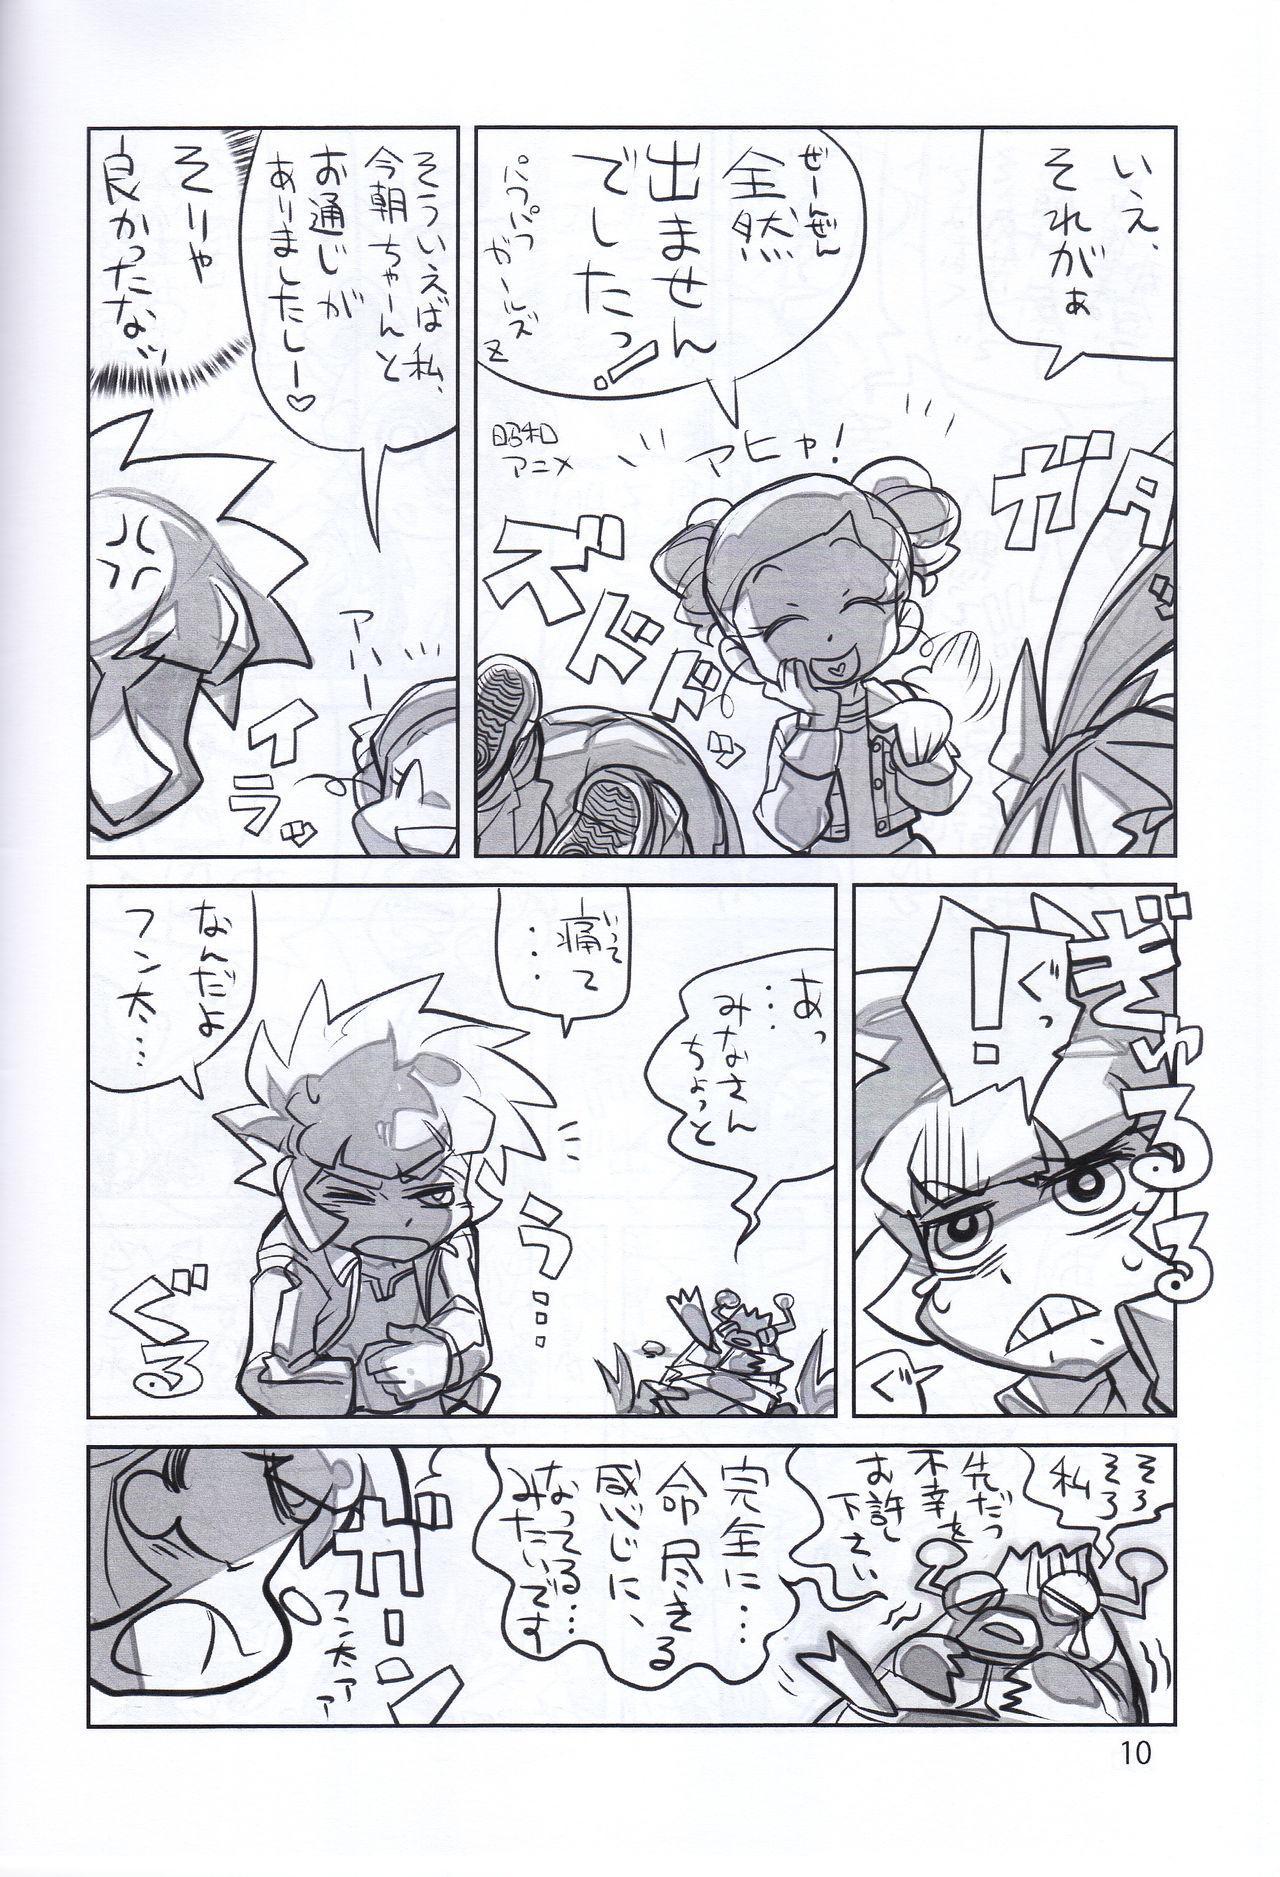 Juicy6 9